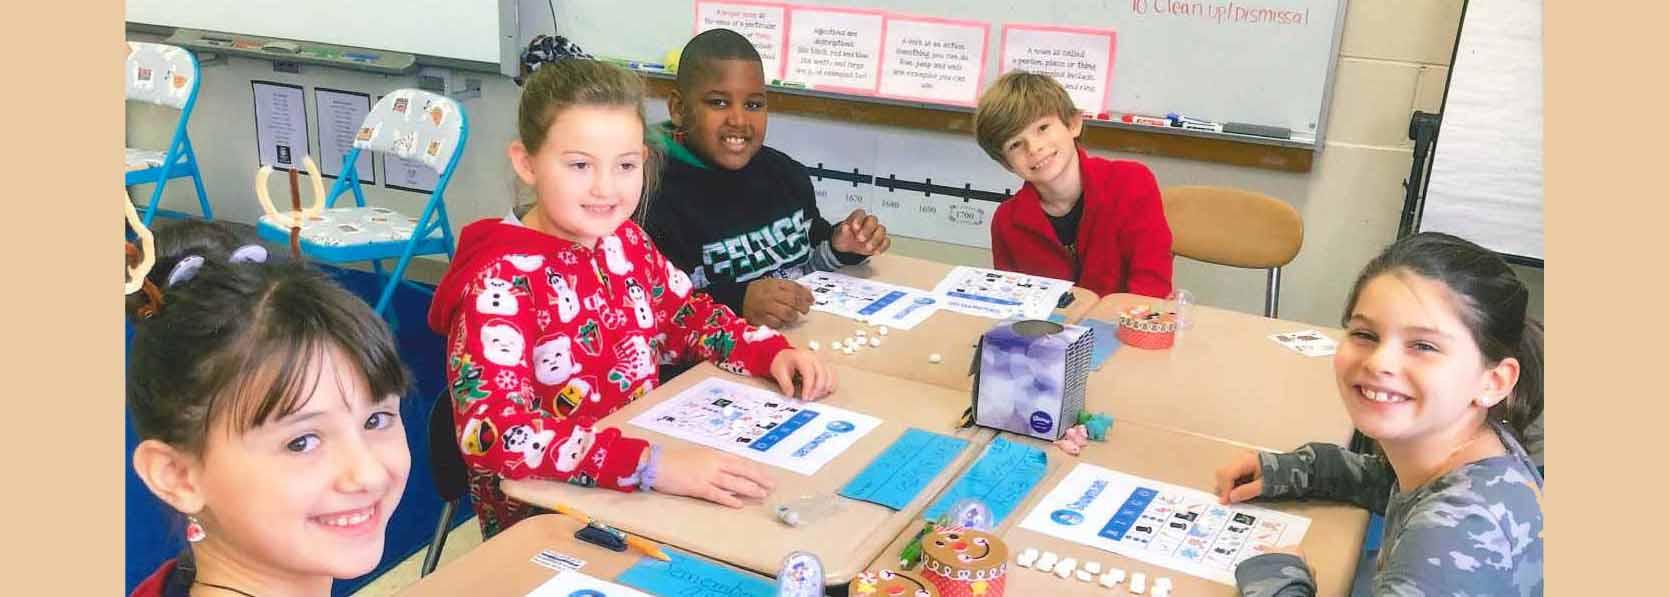 Five Upham Students in School